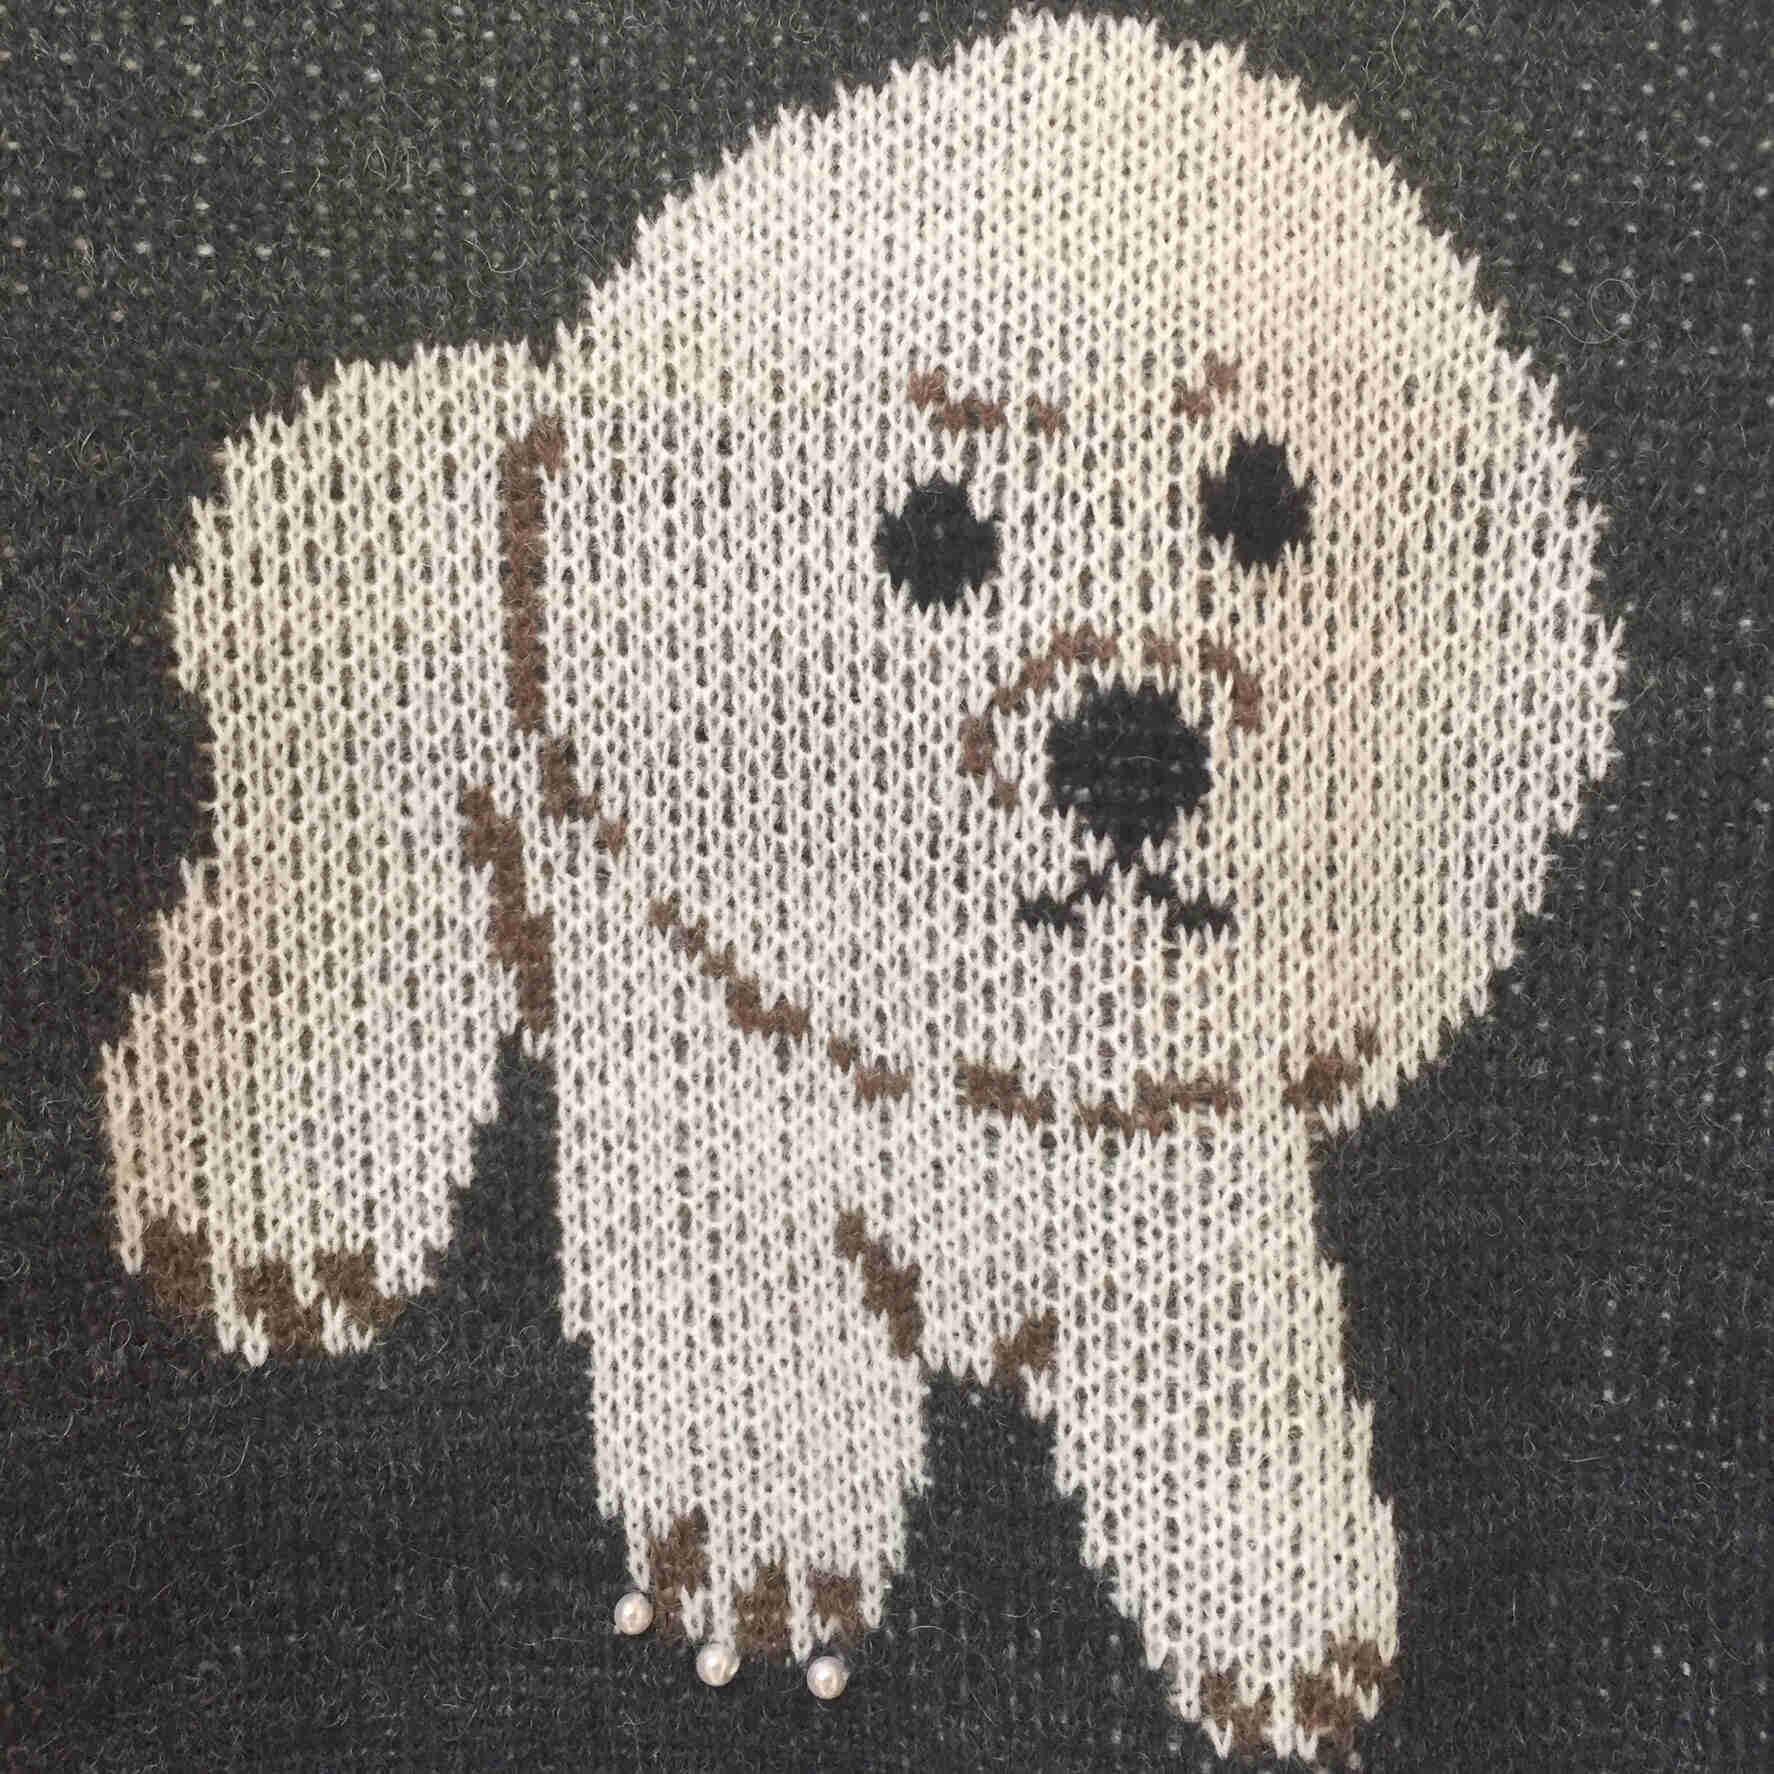 マダム向けの洋服屋さんで可愛すぎるセーターを発見!のブログ画像